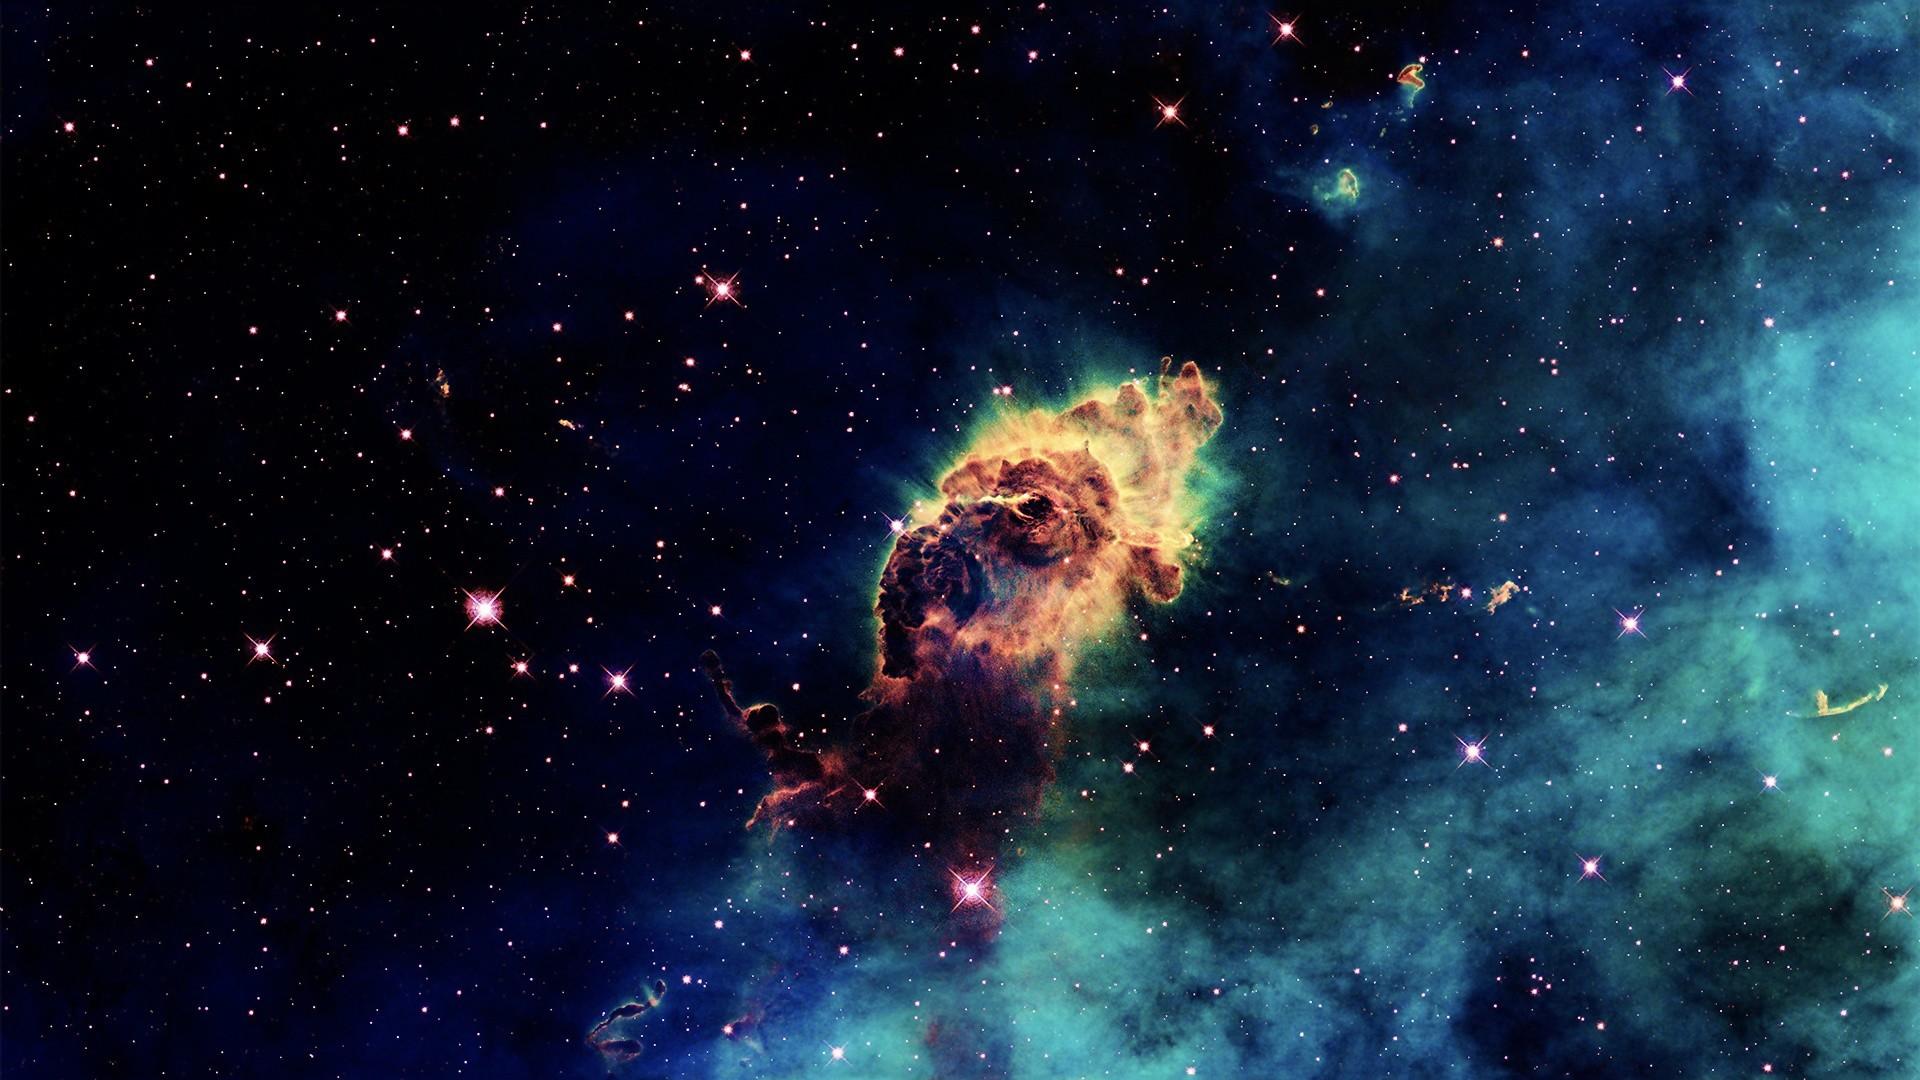 Cool Nebula Wallpaper